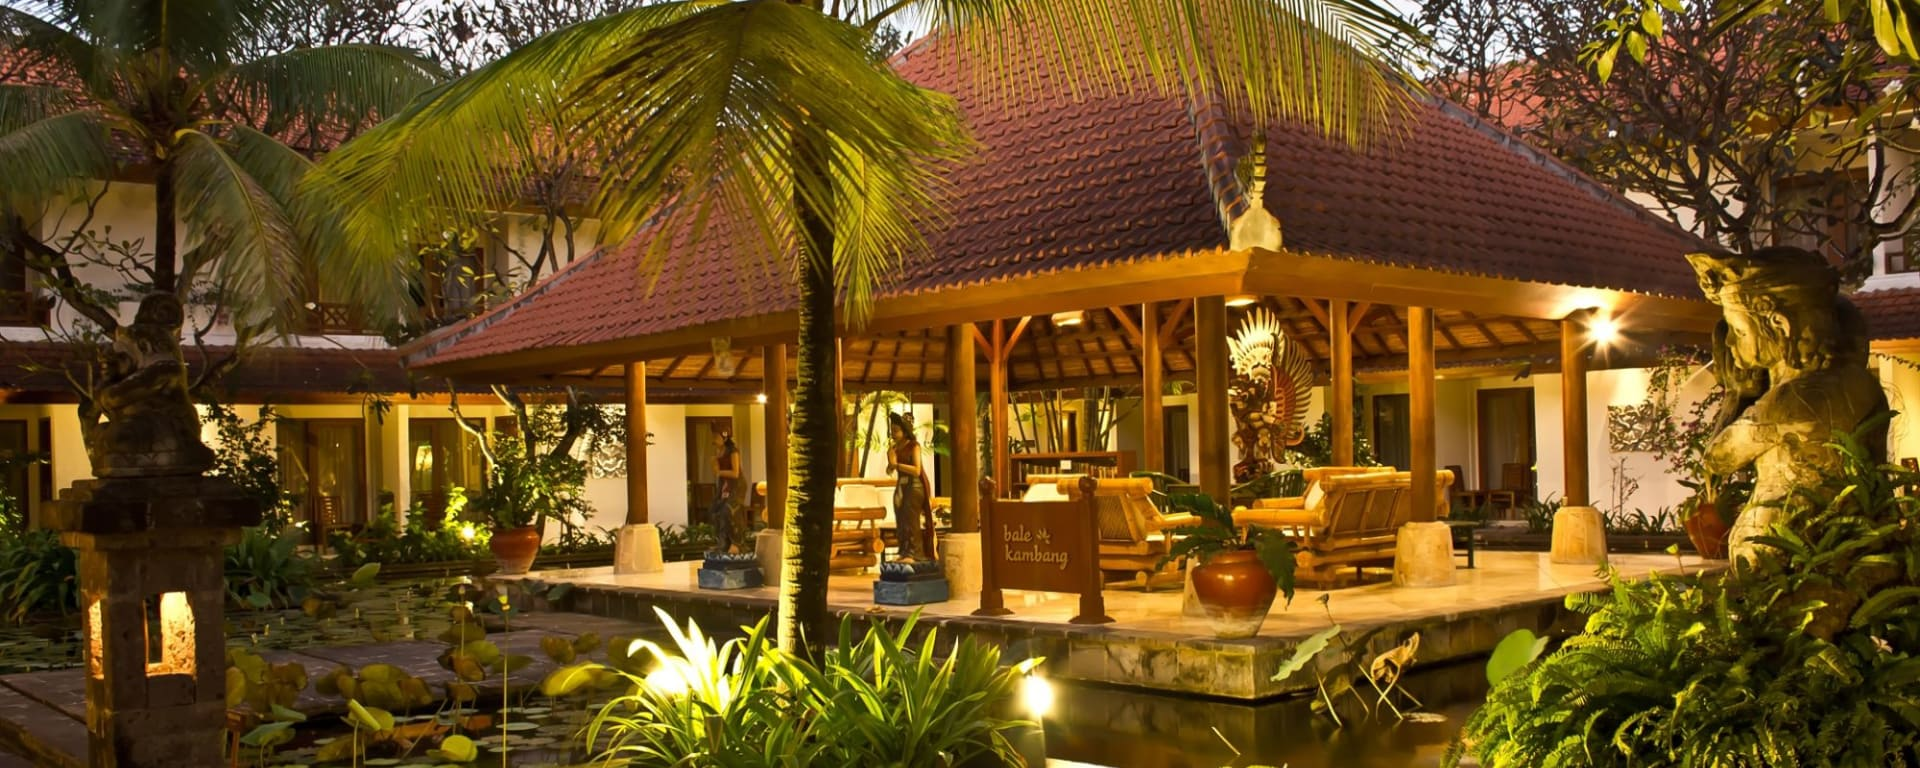 Bali Rani in Südbali: Pond